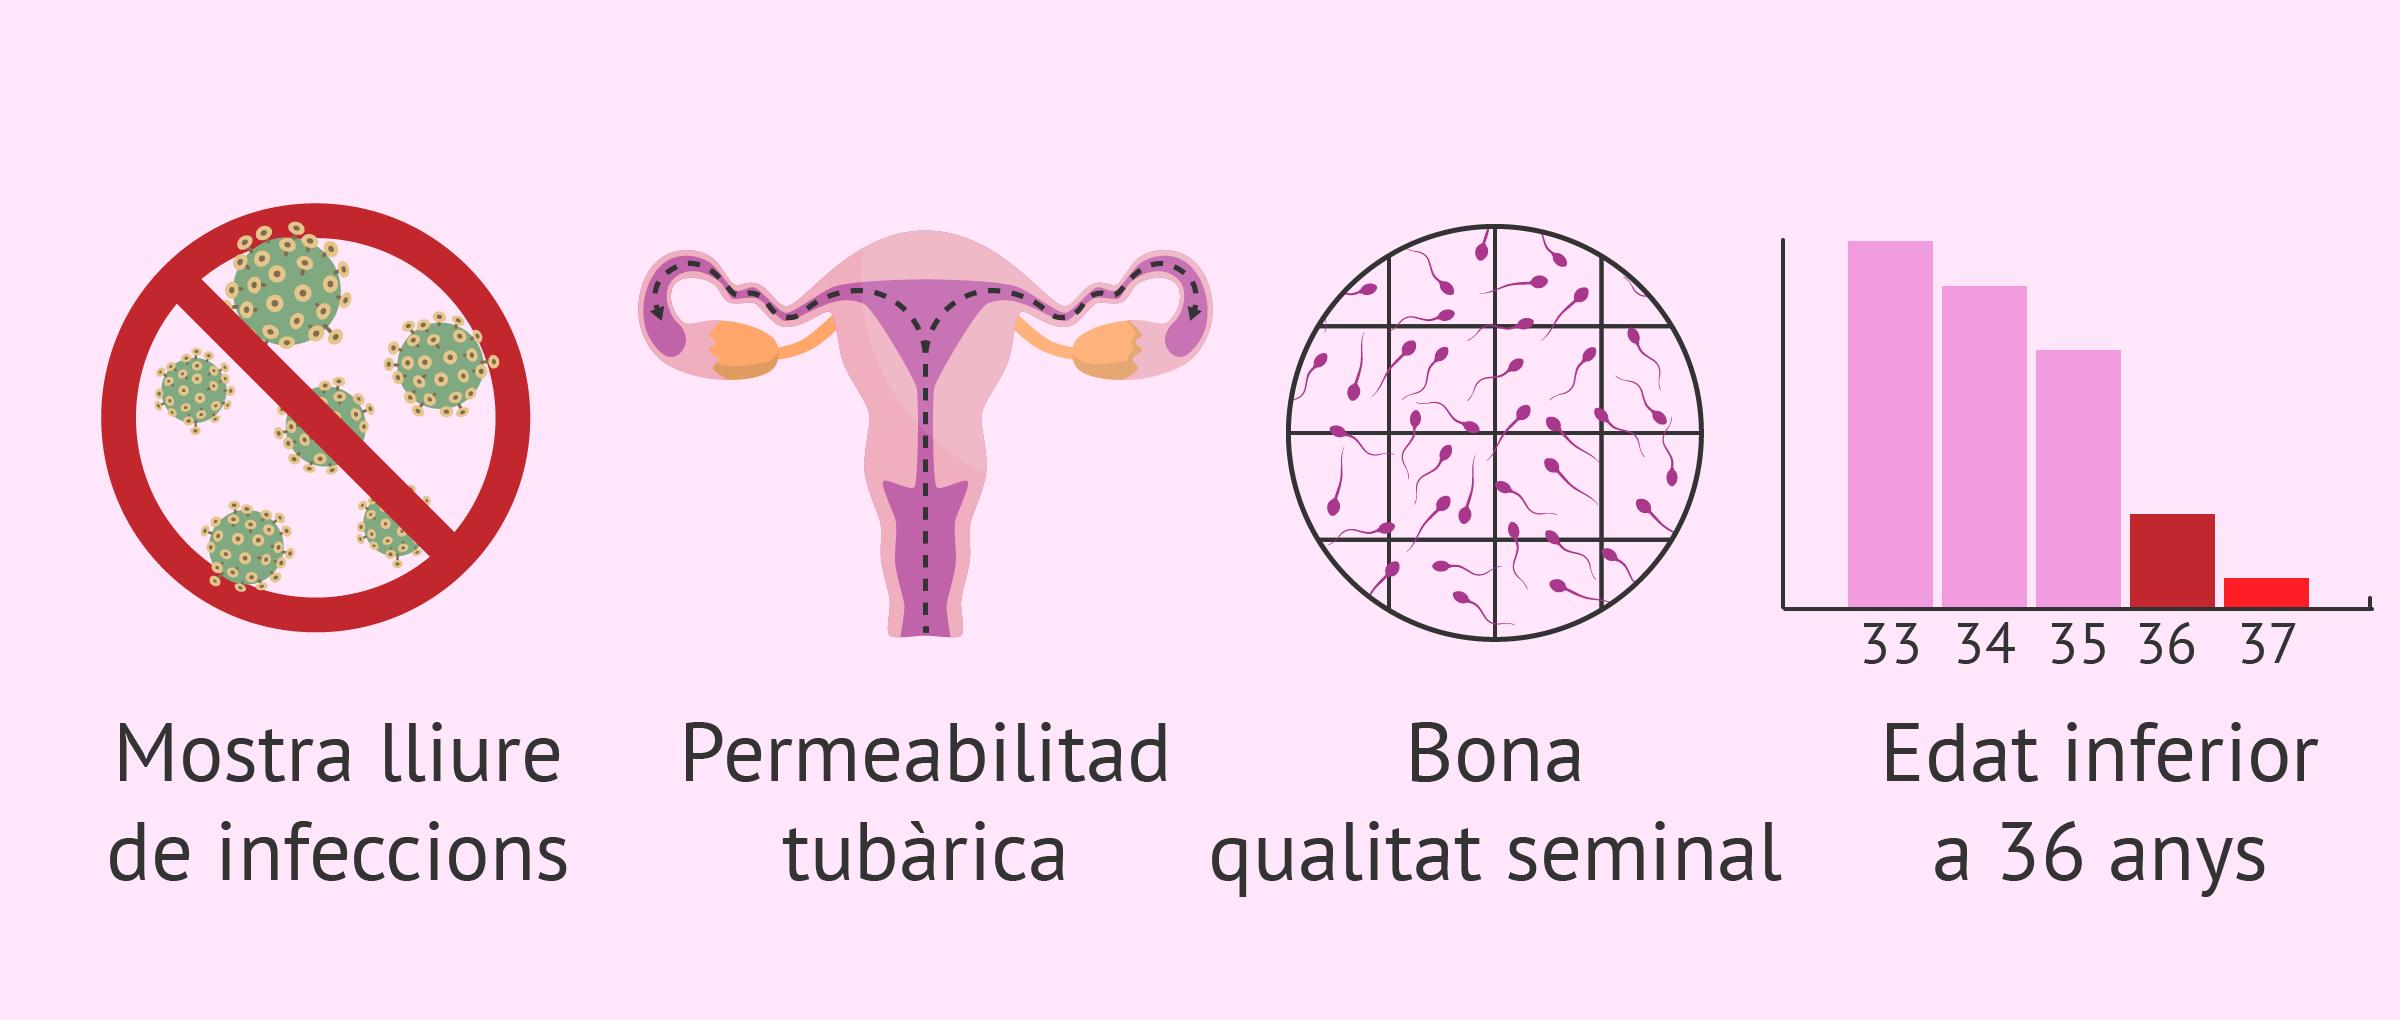 Requisits per a la inseminació artificial